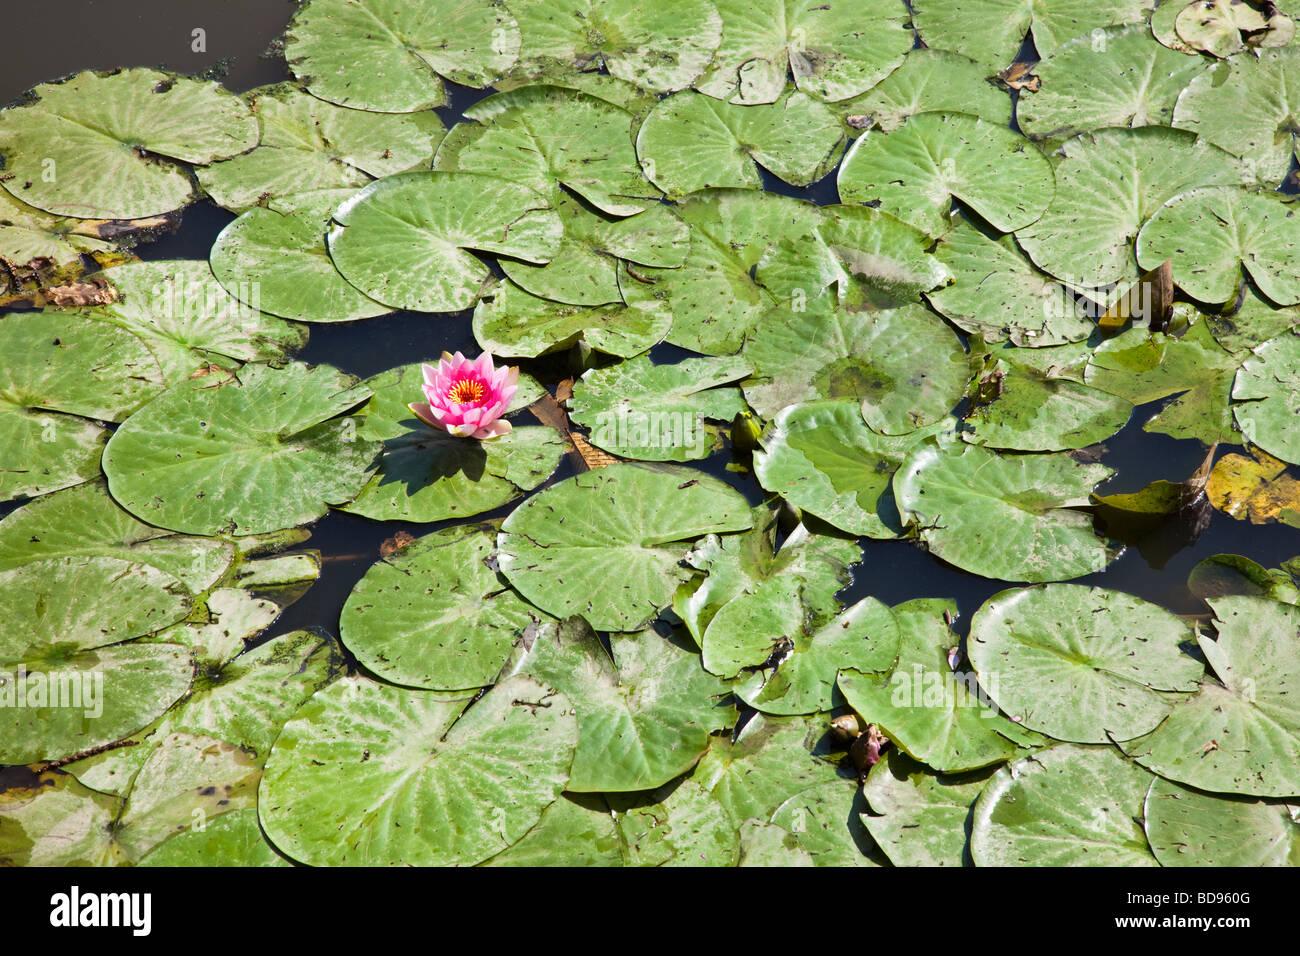 Wasser-Lilien auf einem Teich mit einer rosa Blüte Stockbild